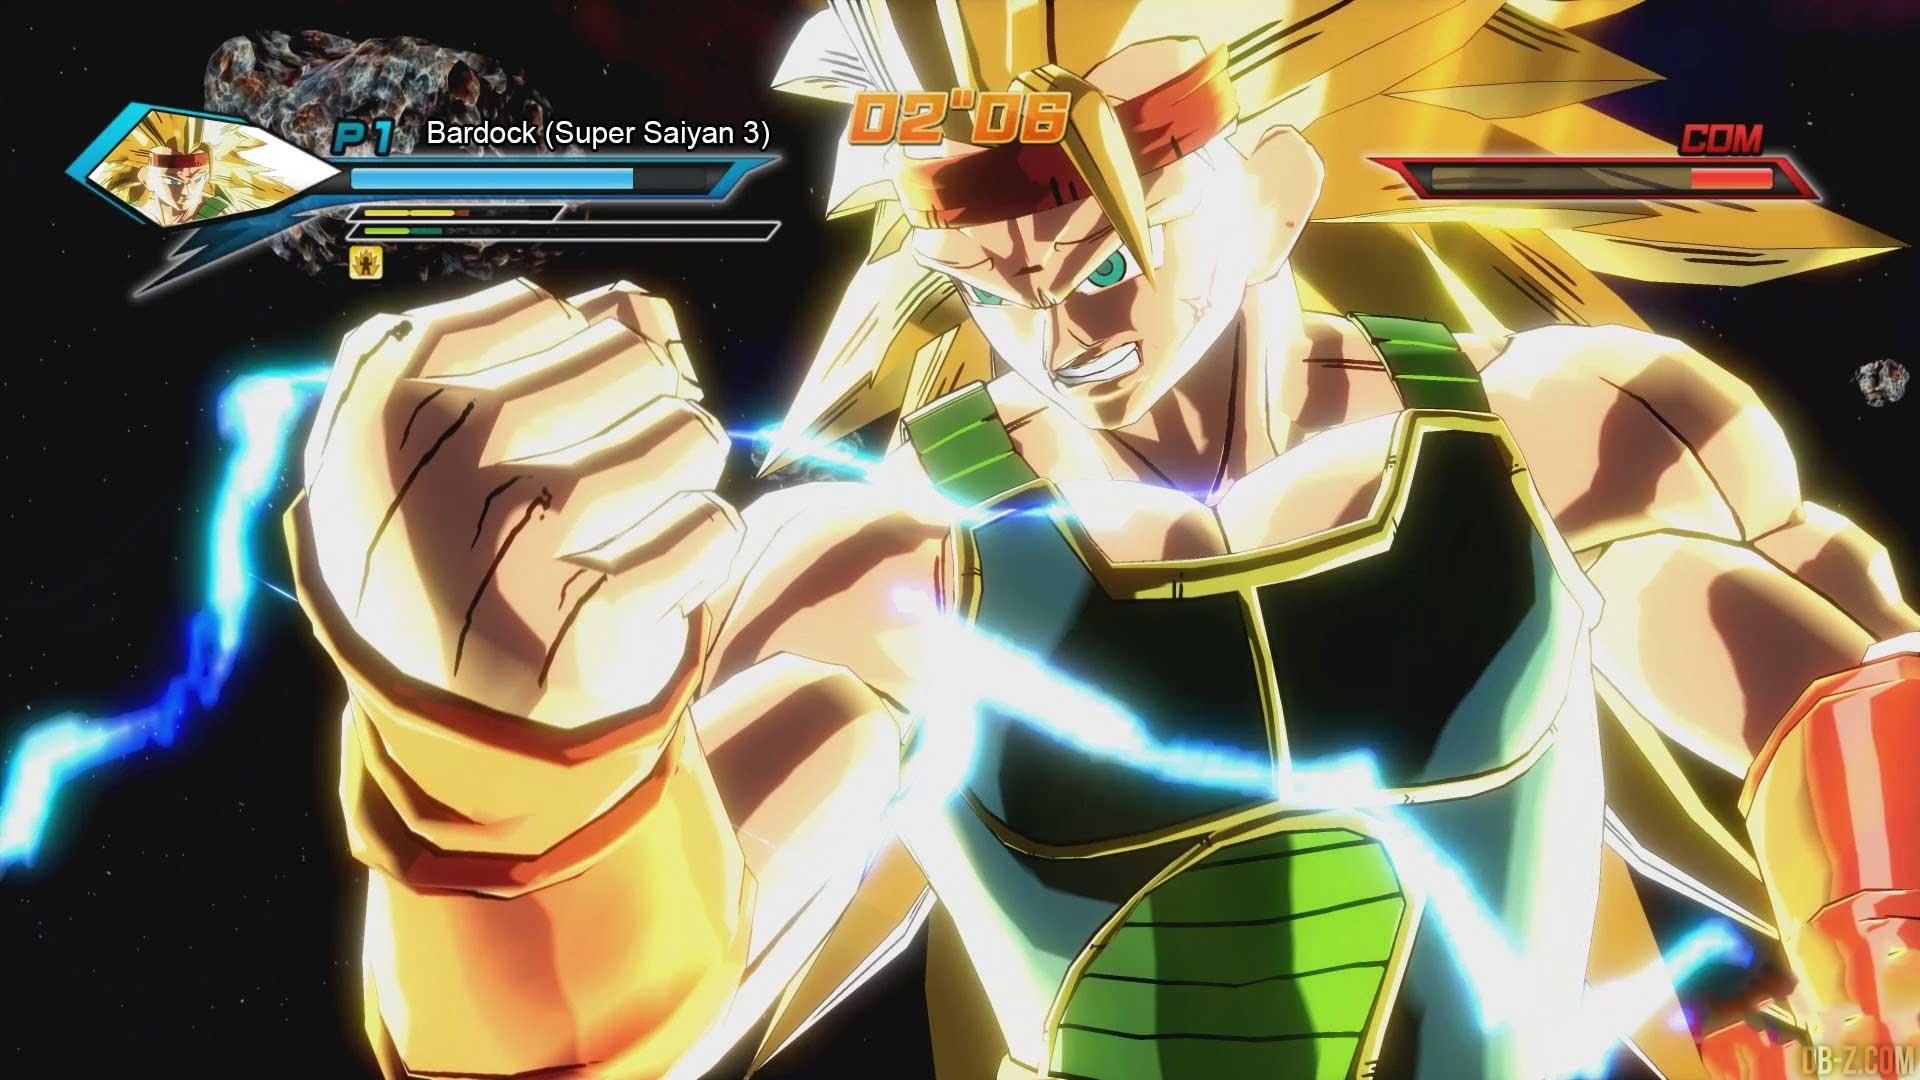 Dragon ball xenoverse 2 comment d bloquer tous les personnages - Sangohan super saiyan 3 ...